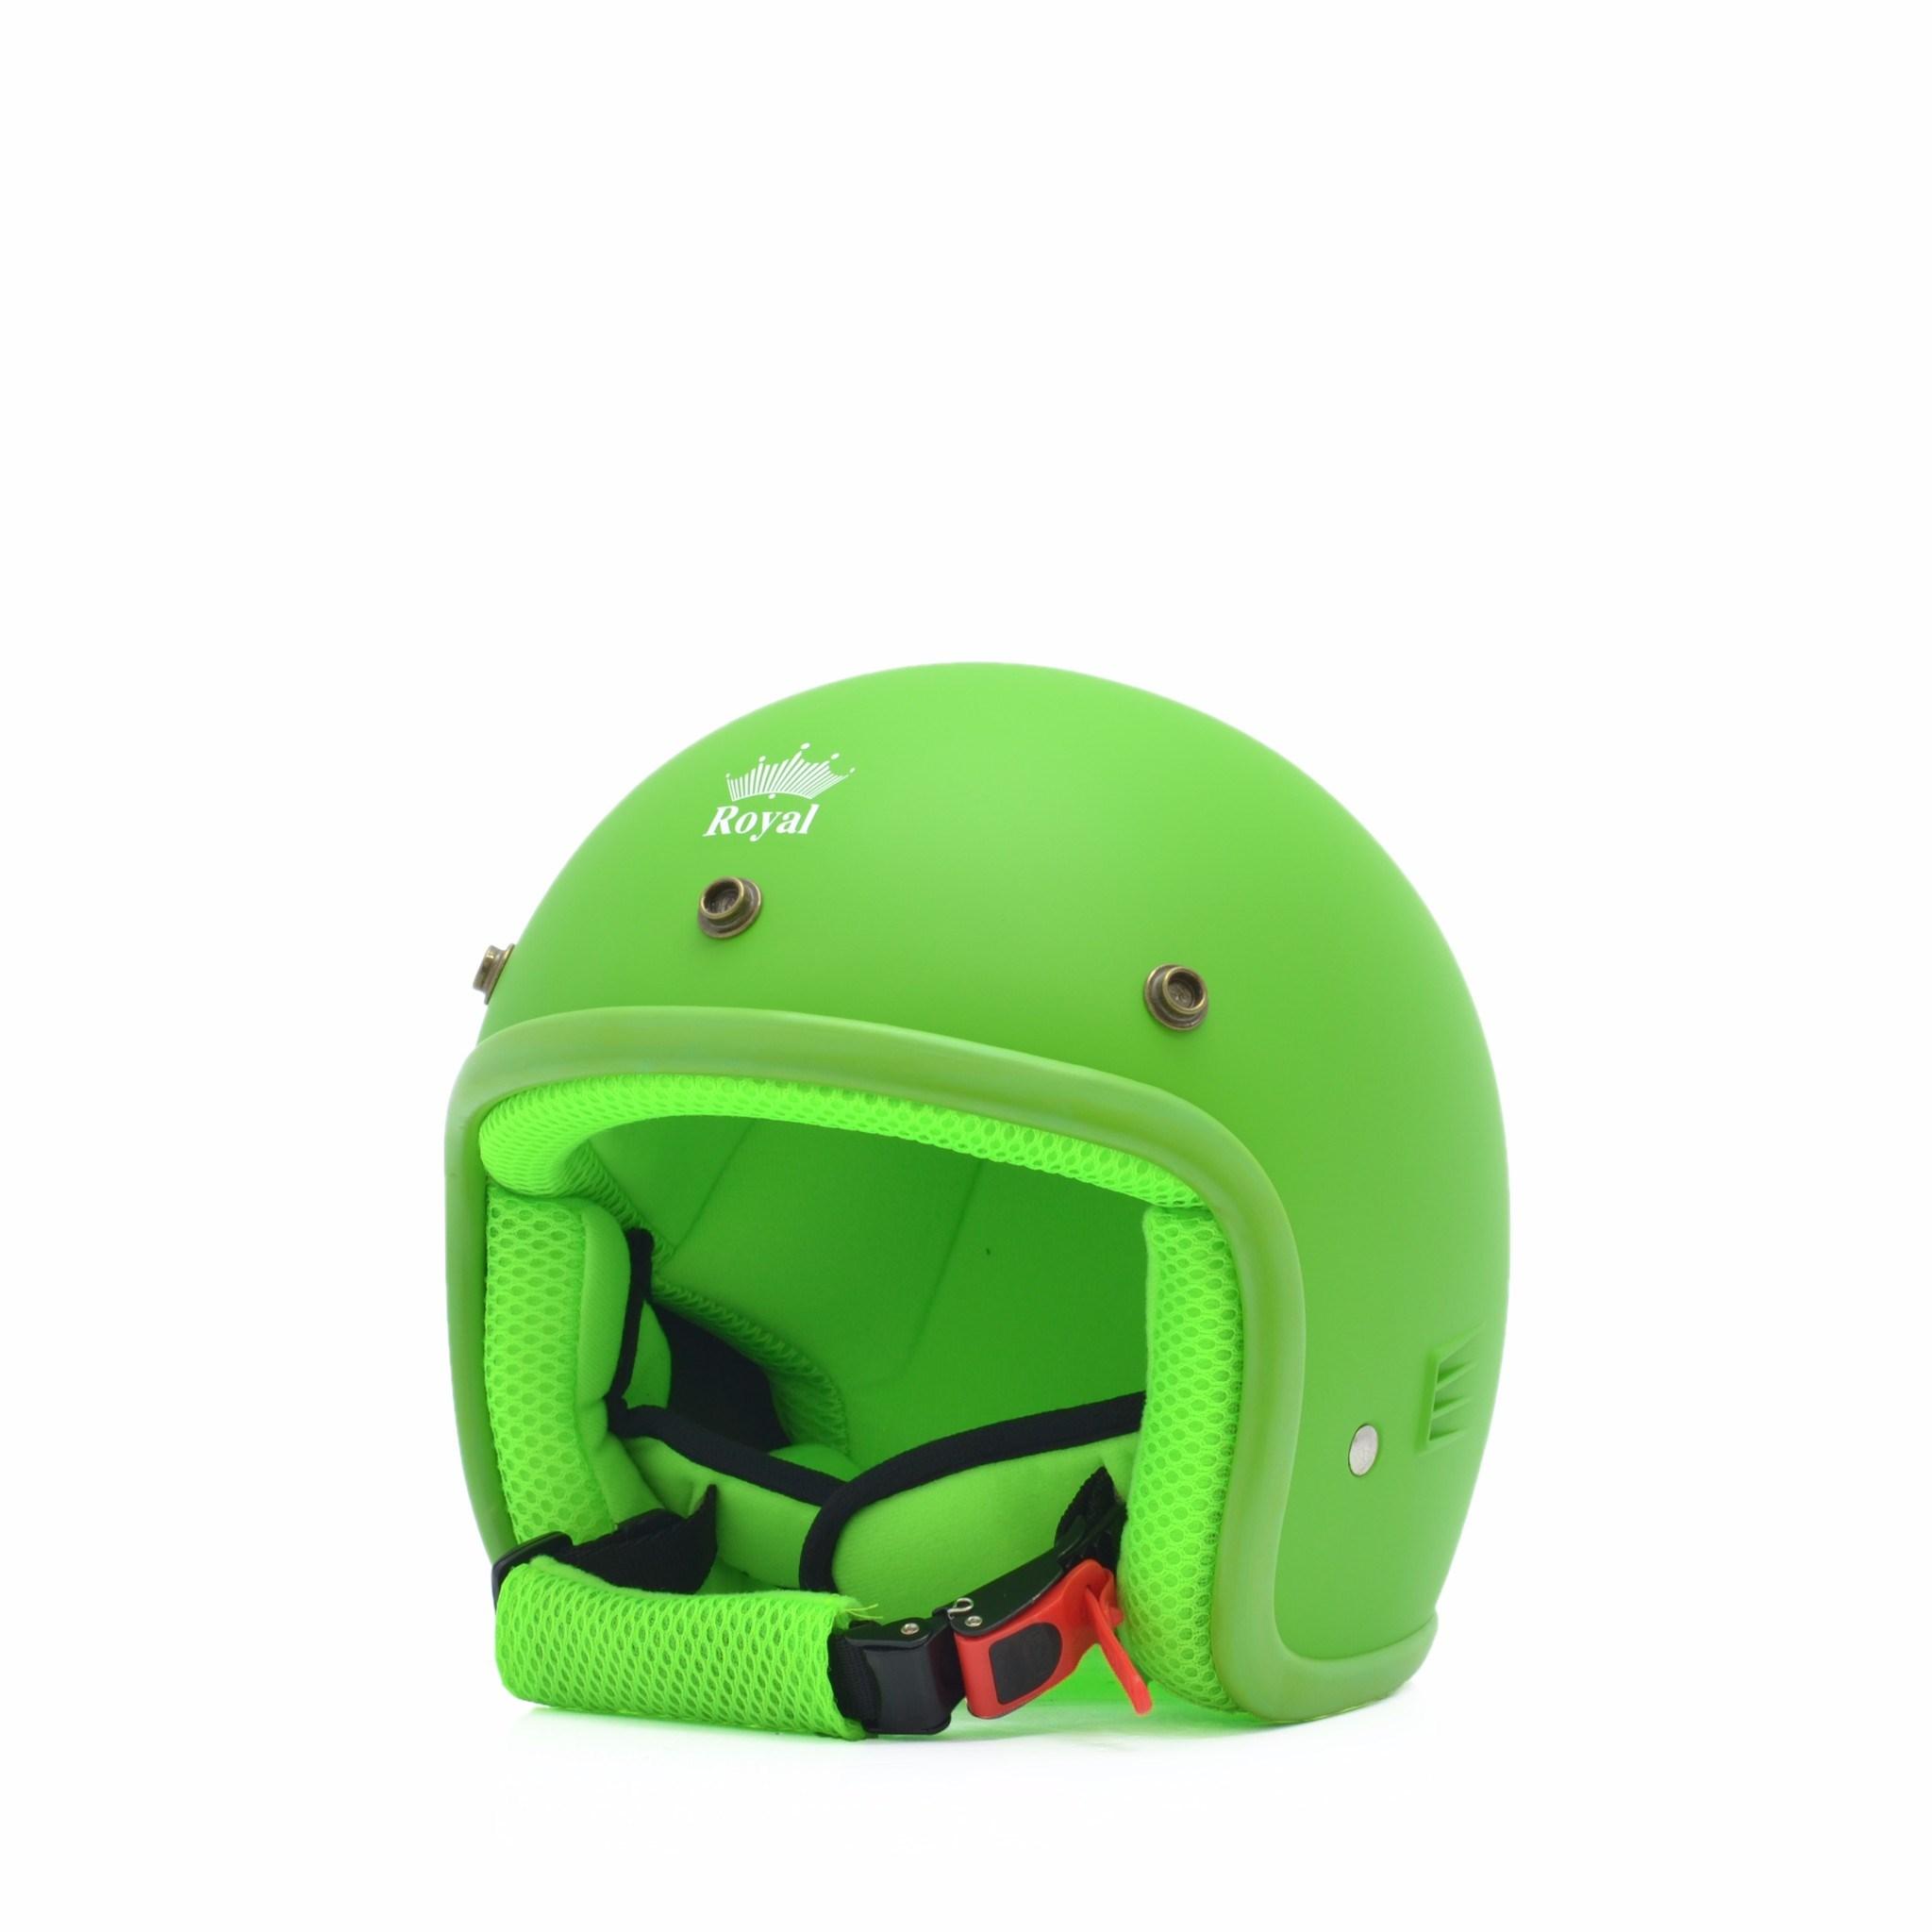 Mũ bảo hiểm trẻ em 3/4 M20s xanh nõn chuối (nhám)